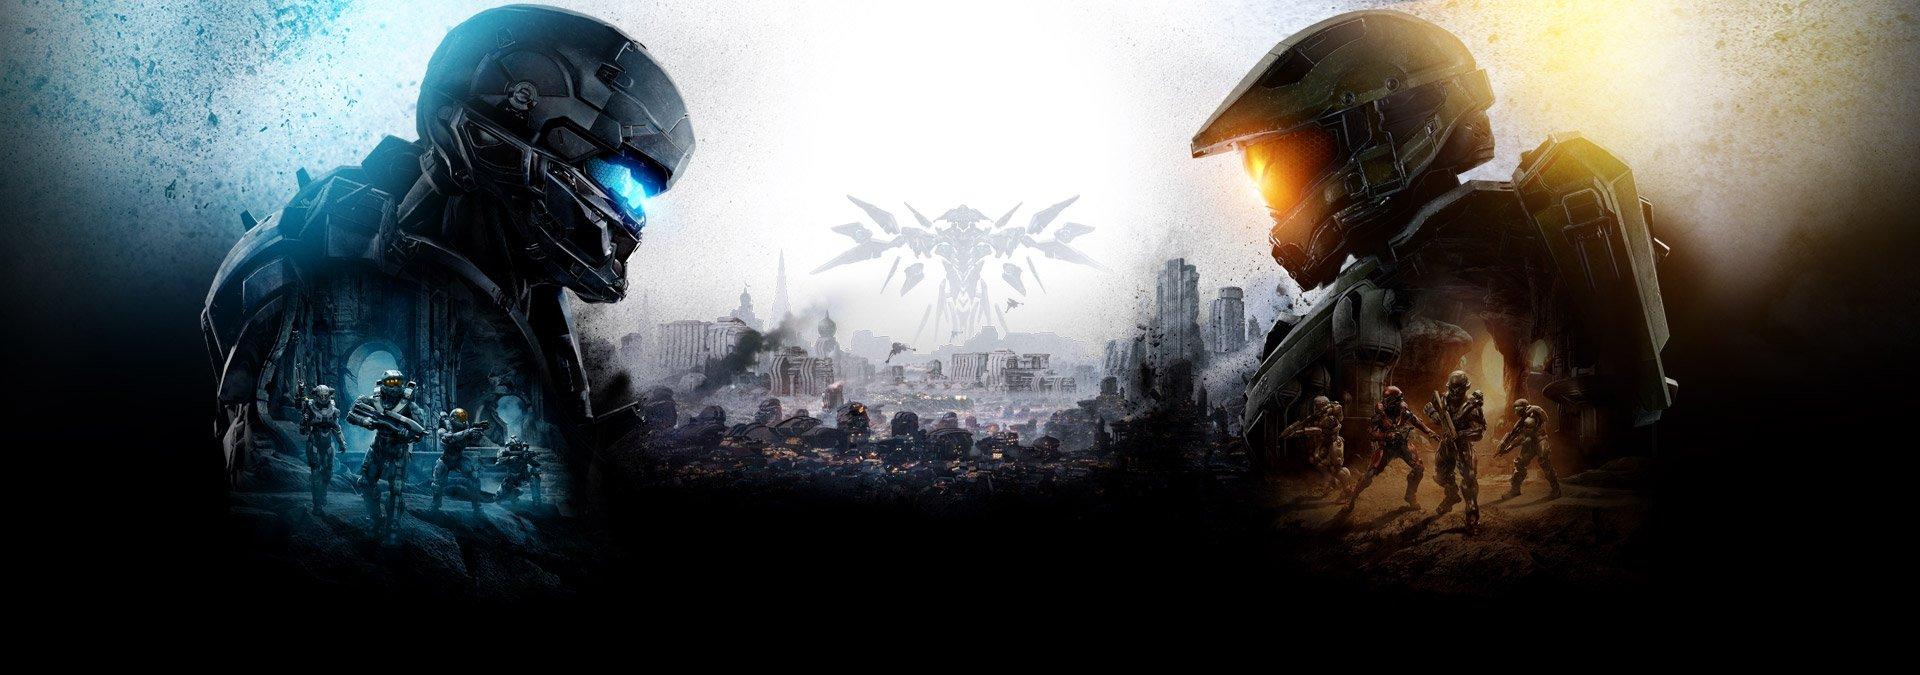 Блог консольщиков. E3 2015 Microsoft. - Изображение 2